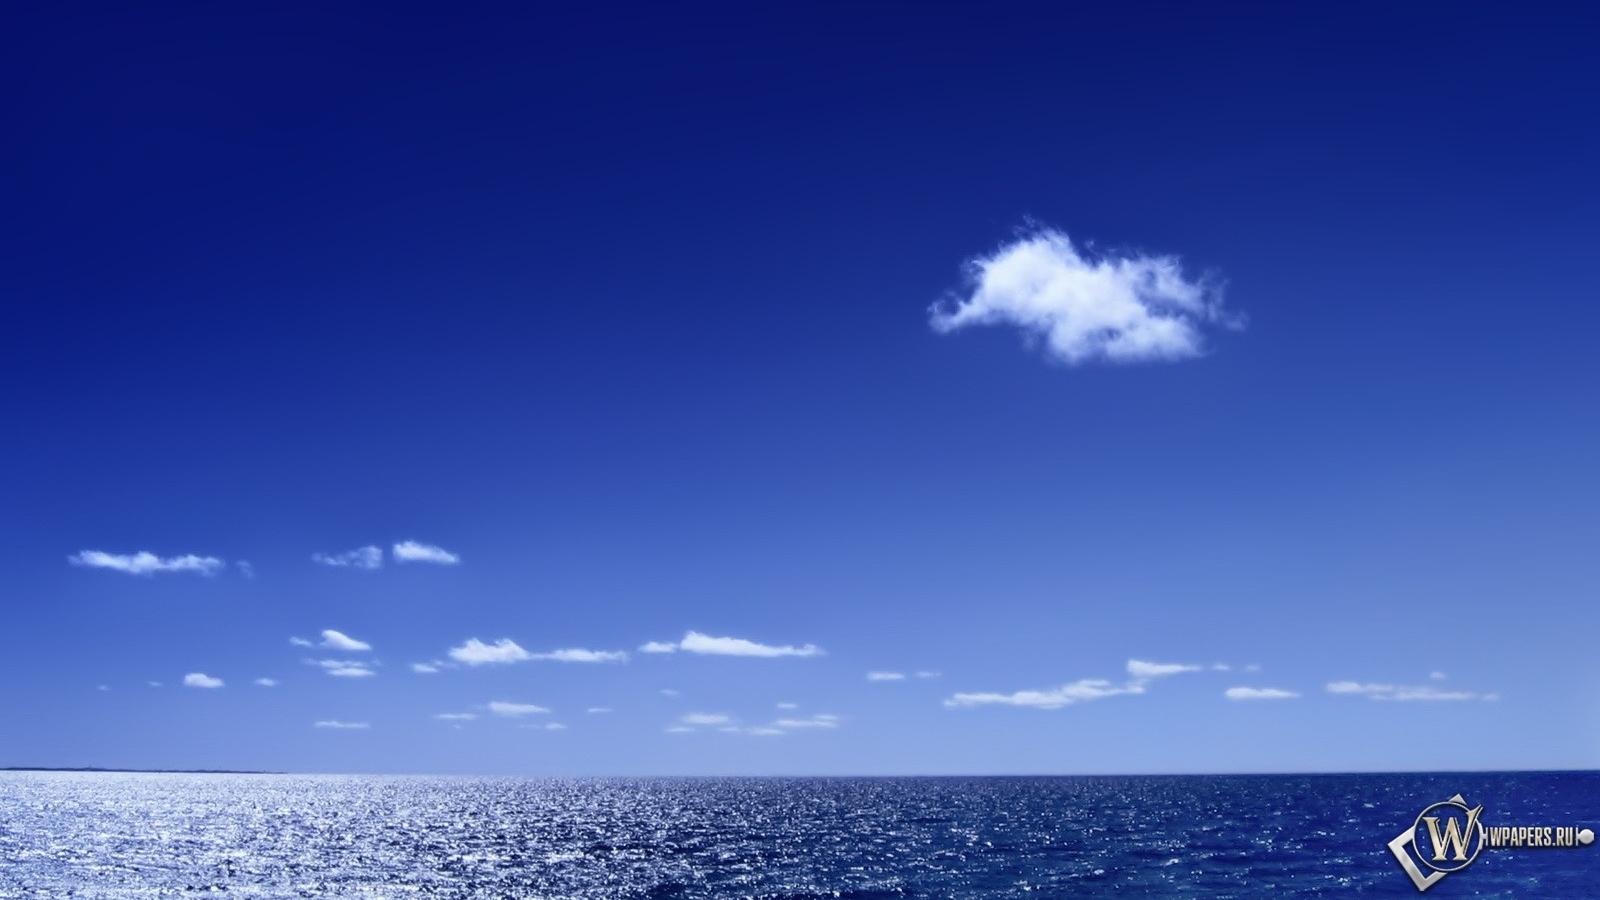 Морской горизонт 1600x900